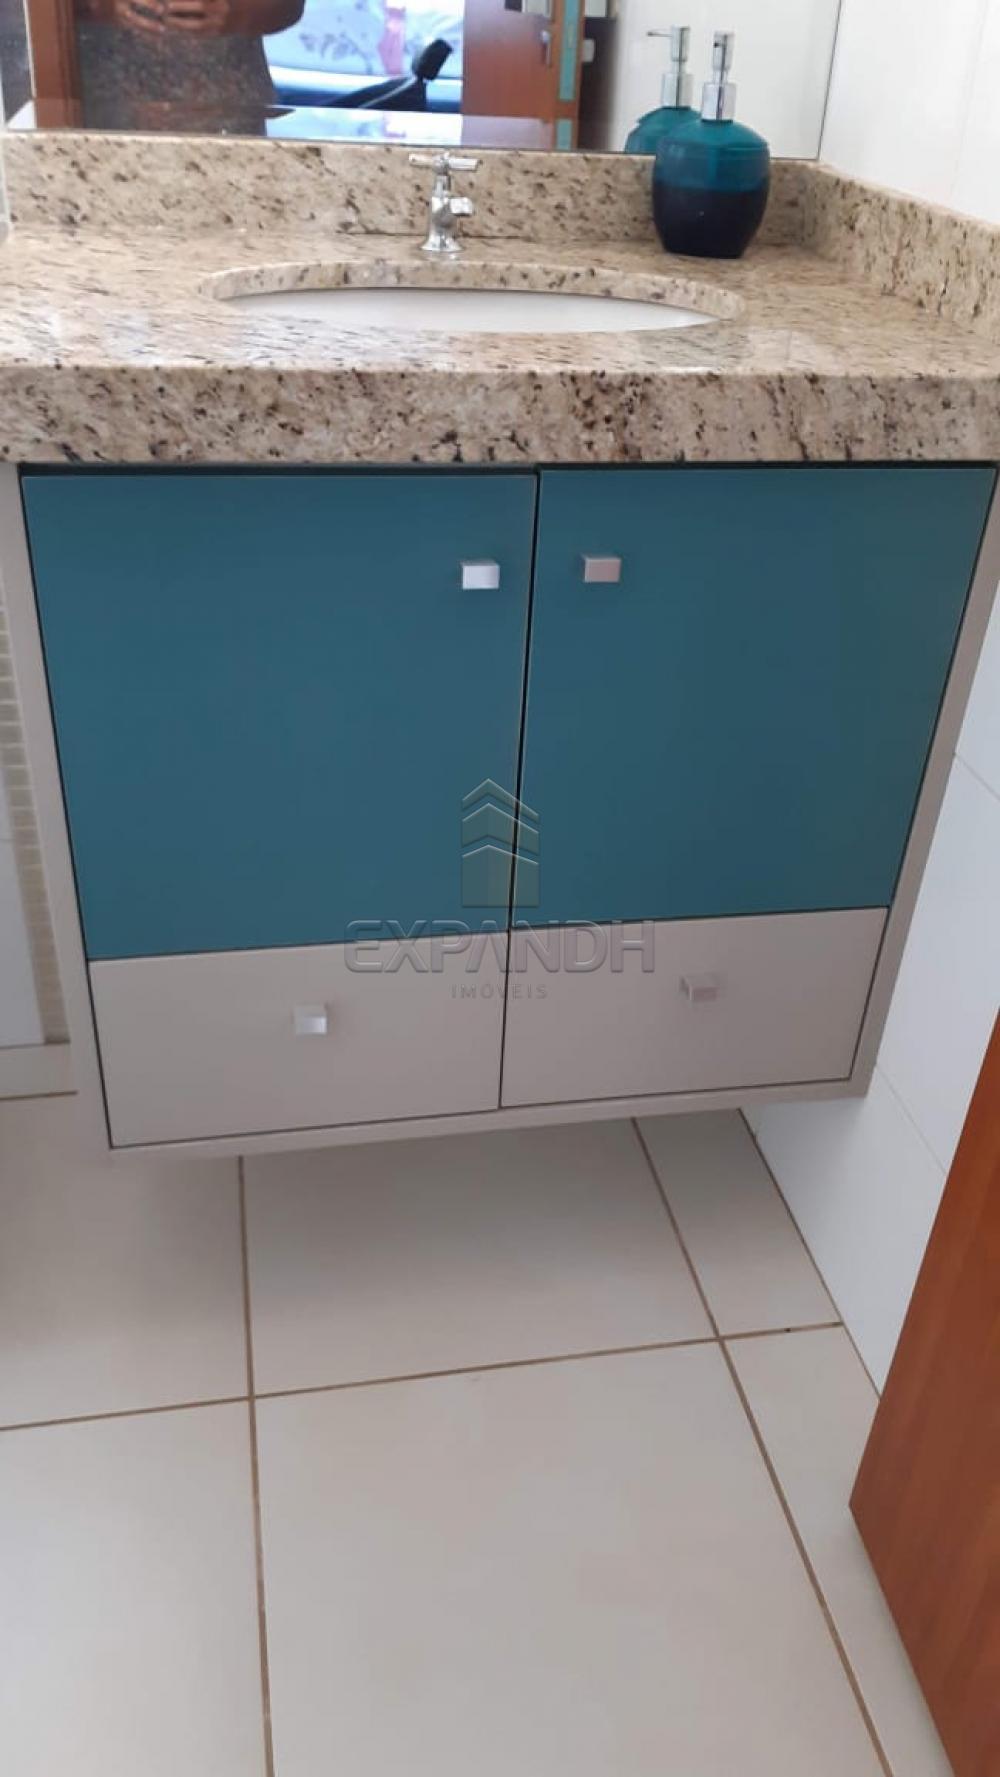 Comprar Apartamentos / Padrão em Sertãozinho apenas R$ 250.000,00 - Foto 14